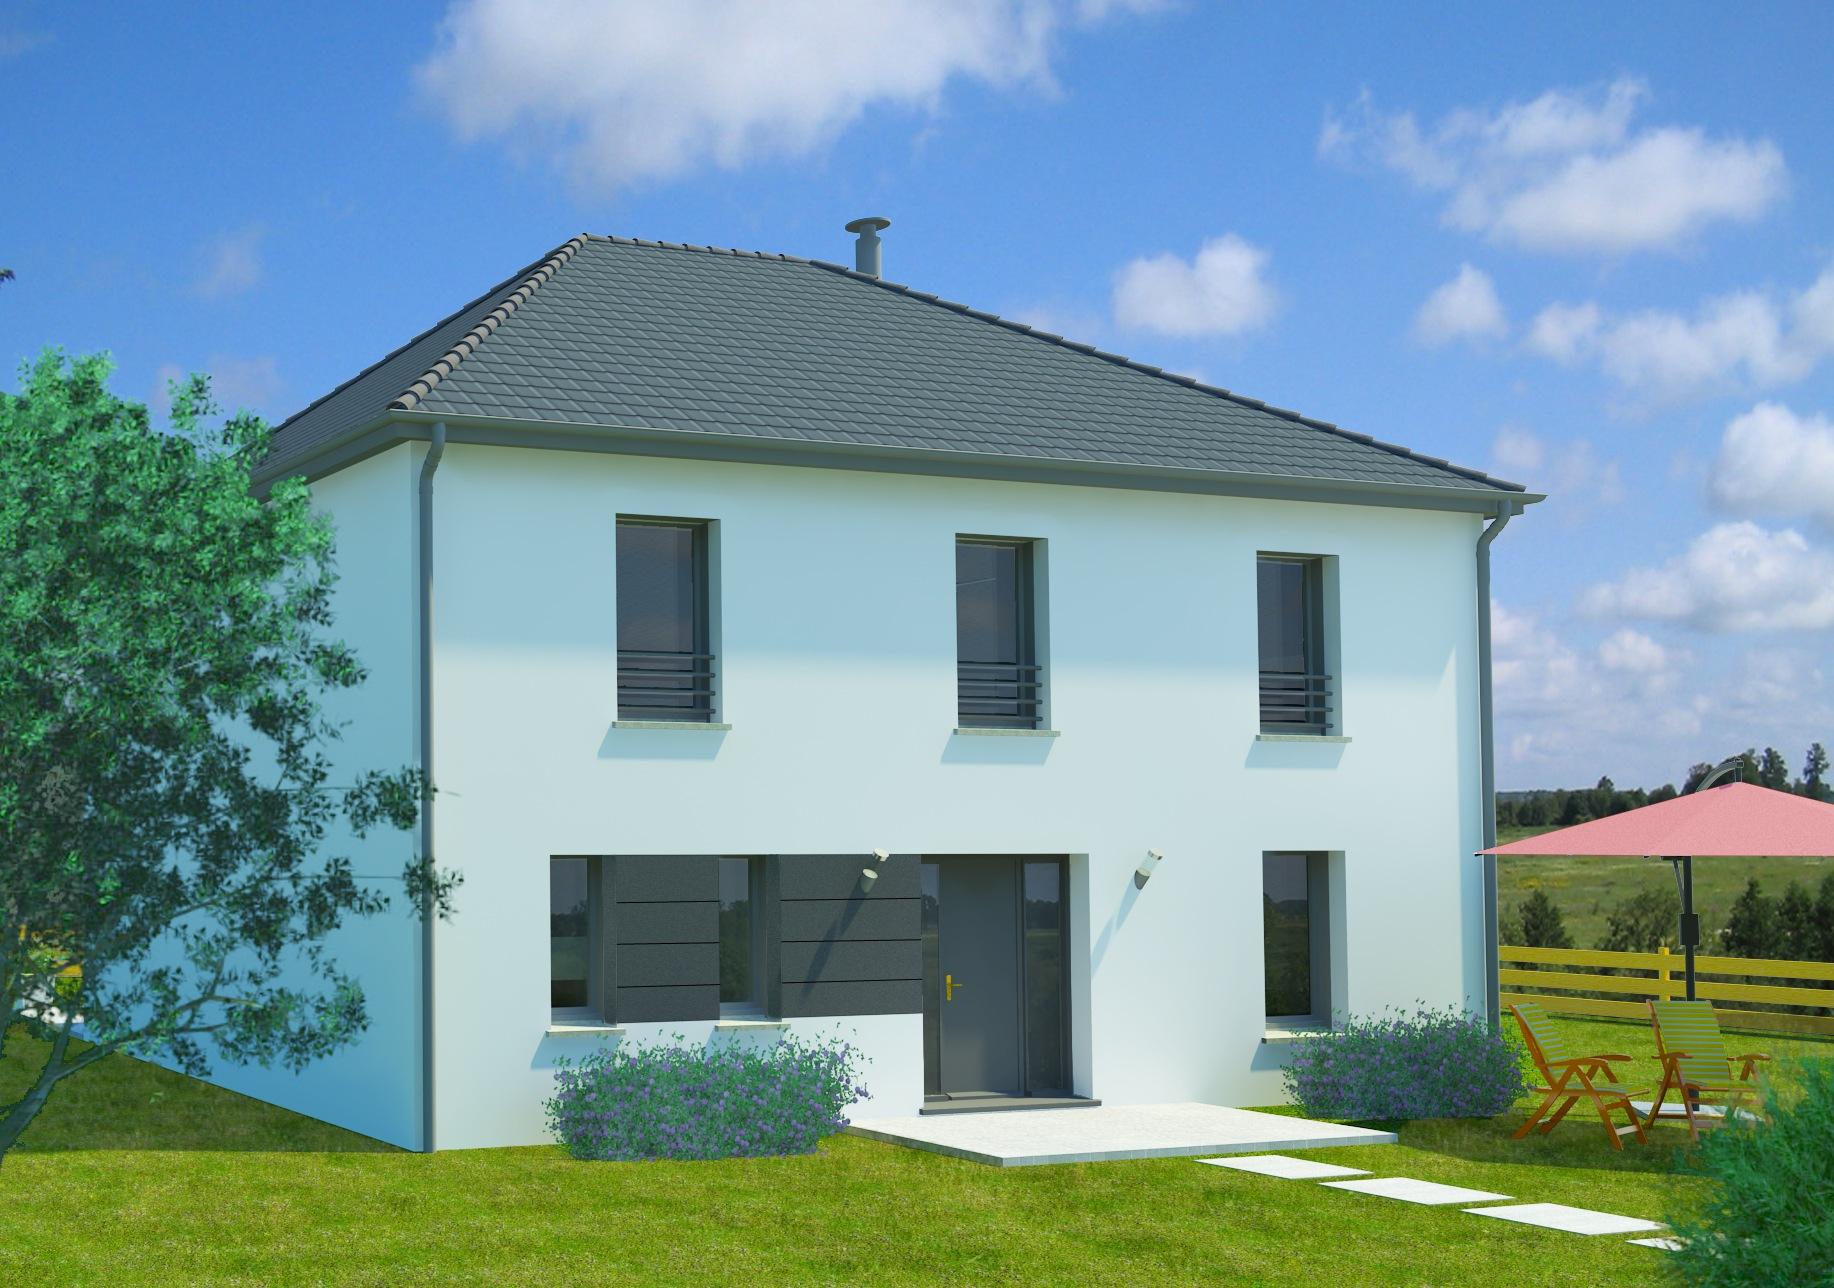 Maisons + Terrains du constructeur MAISON FAMILIALE • 90 m² • MAINCY